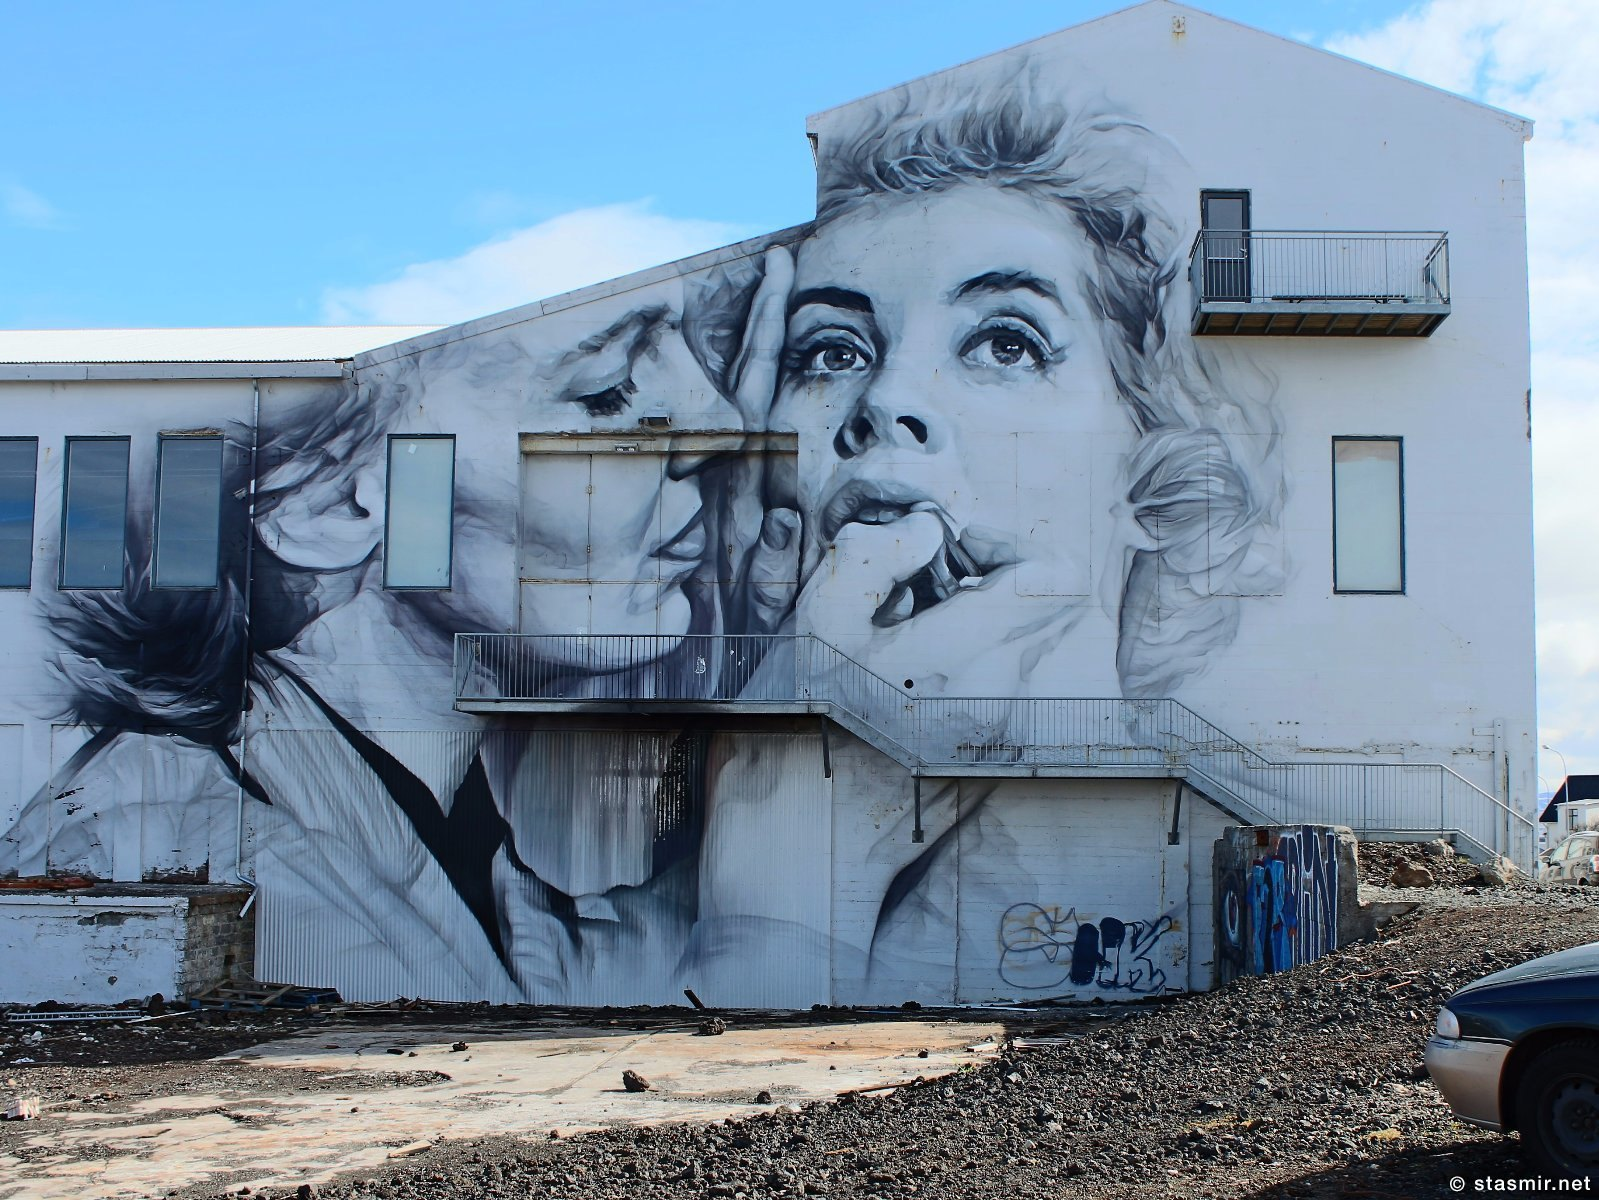 Уличное искусство Рейкьявика, Guido van Helten, фото Стасмир, photo Stasmir